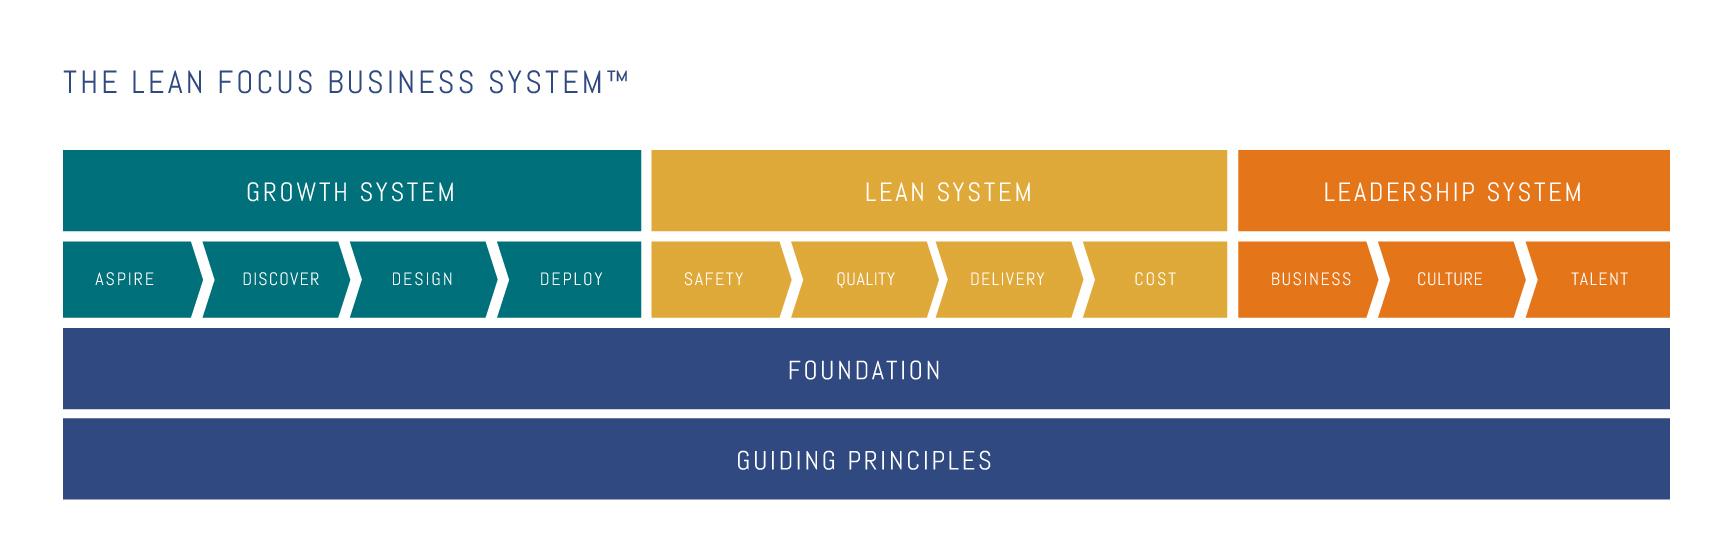 Lean Focus Business System - Condensed